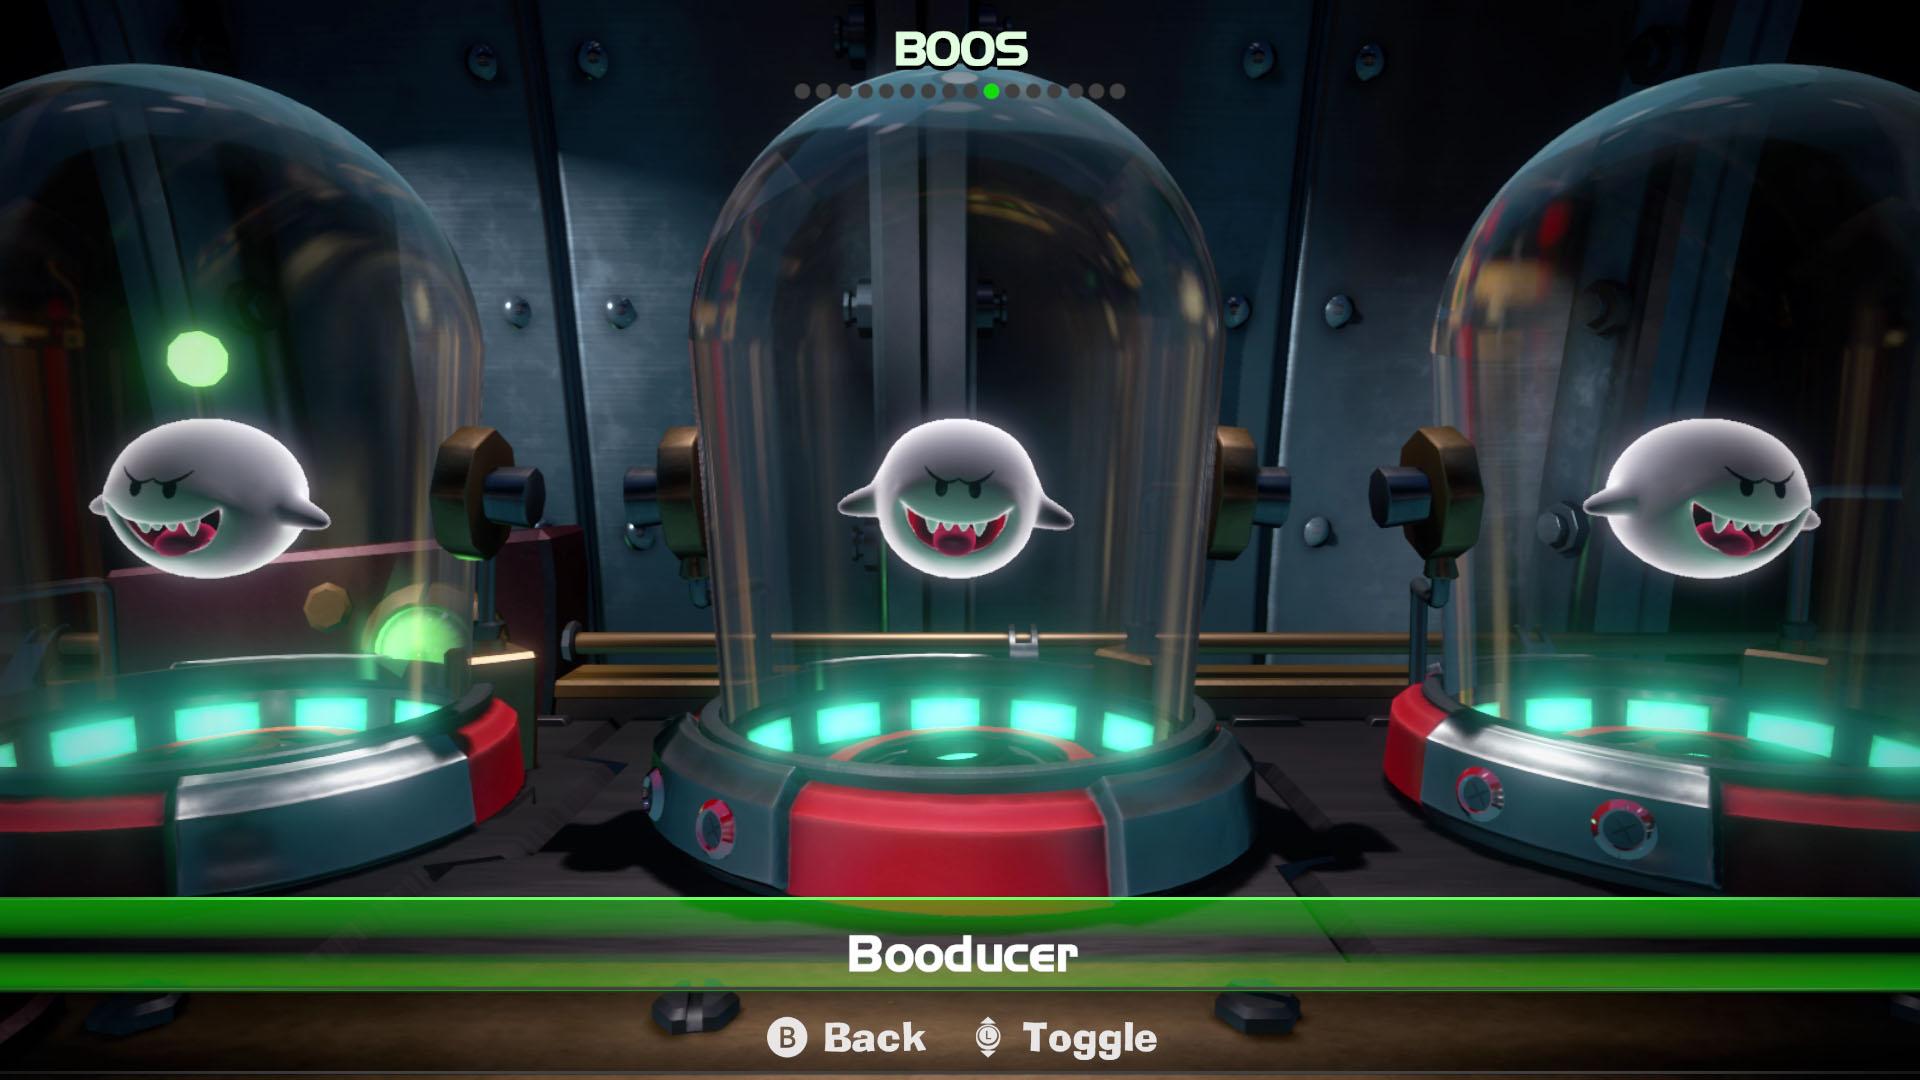 Luigi S Mansion 3 Boos How To Capture Mario S Classic